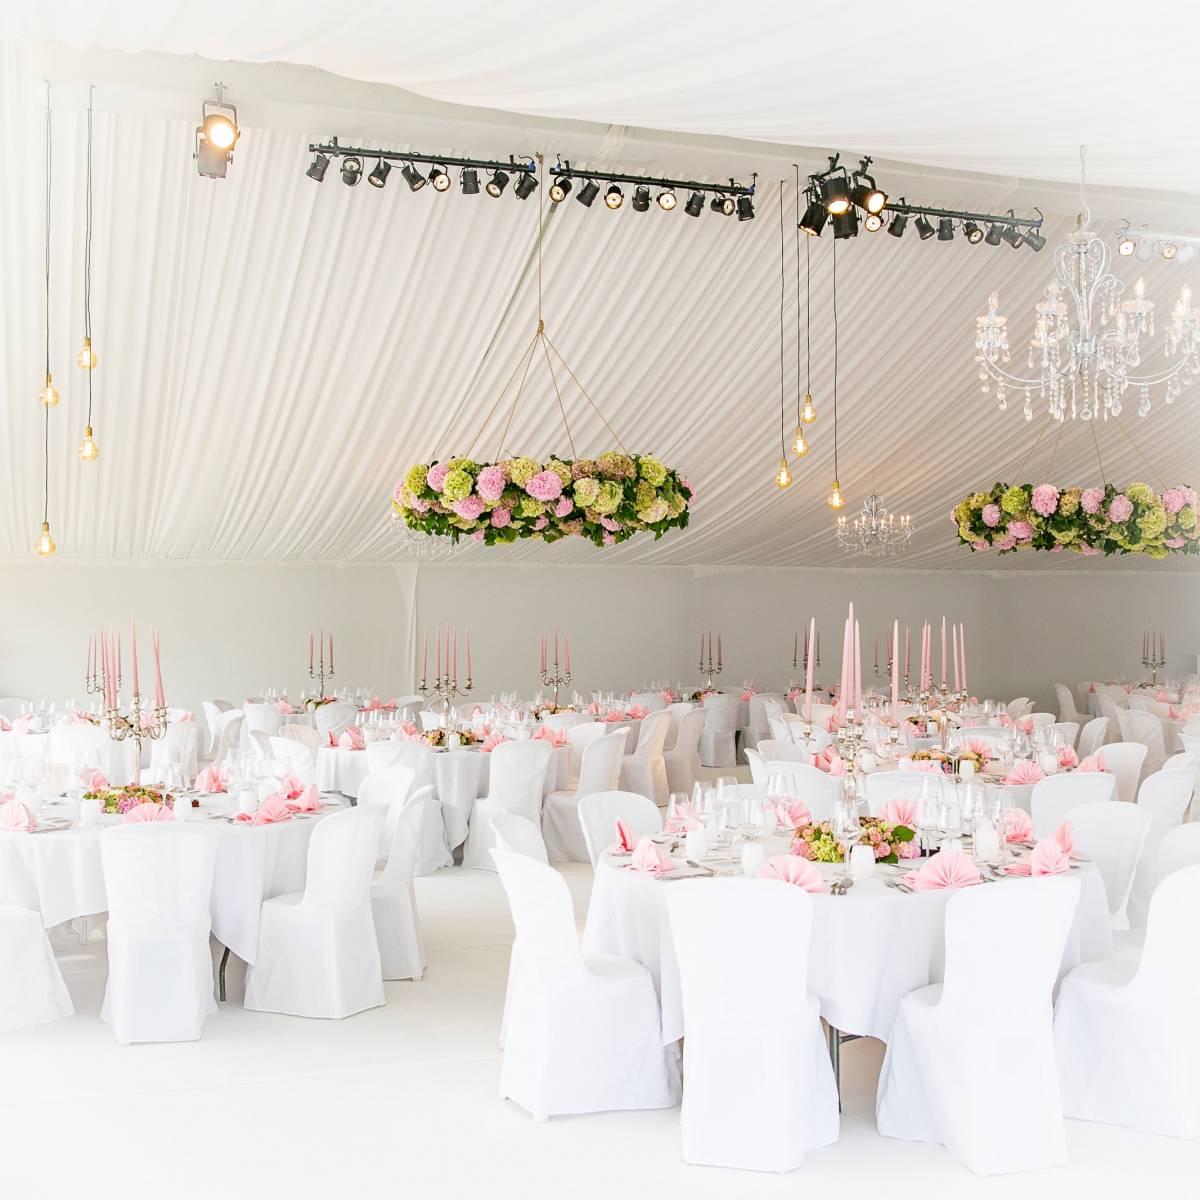 Nima Rent - Trouwdecoratie - House of Weddings - 3